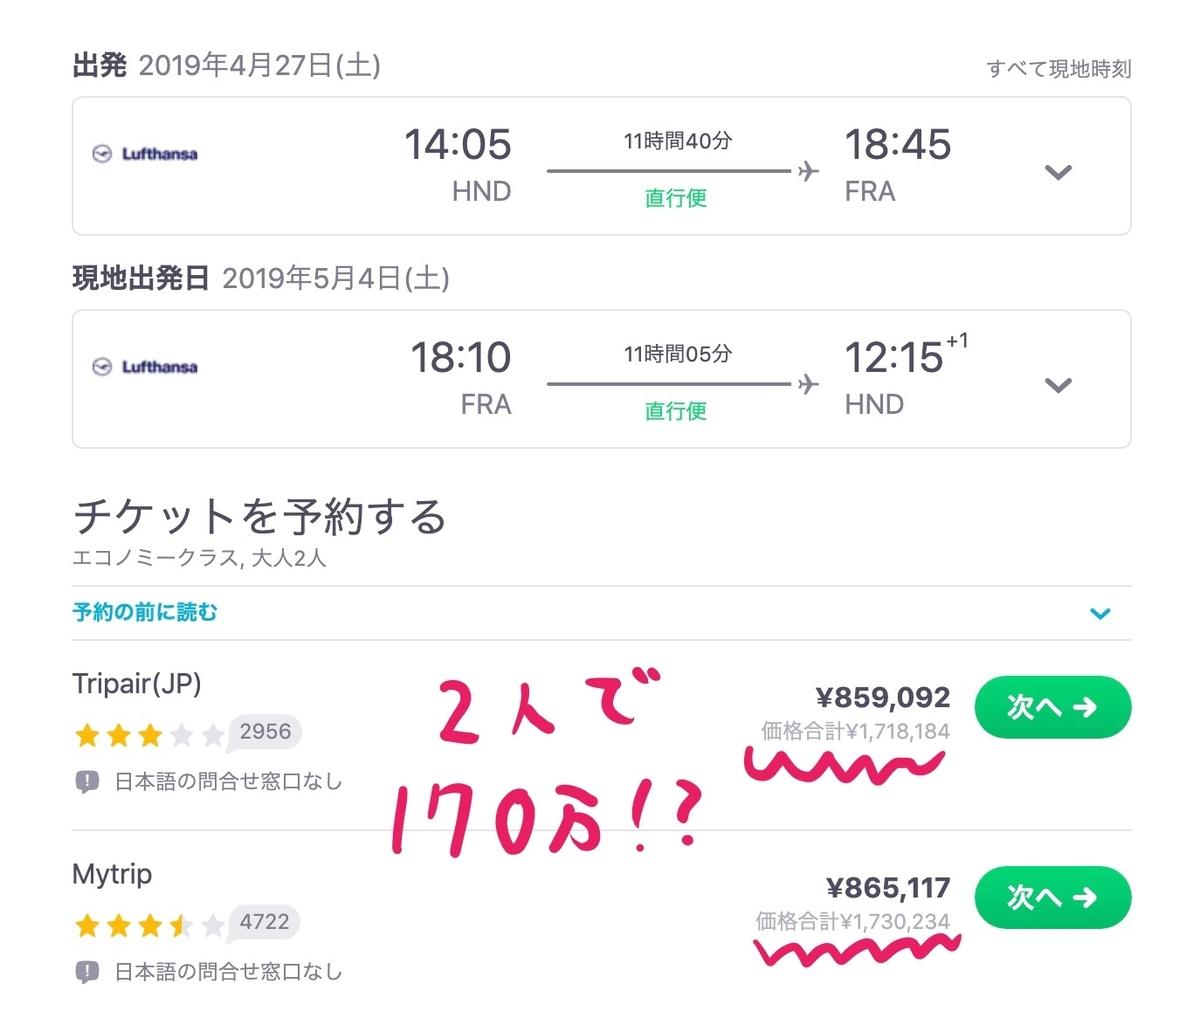 f:id:kazu-tabi:20190415122414j:plain